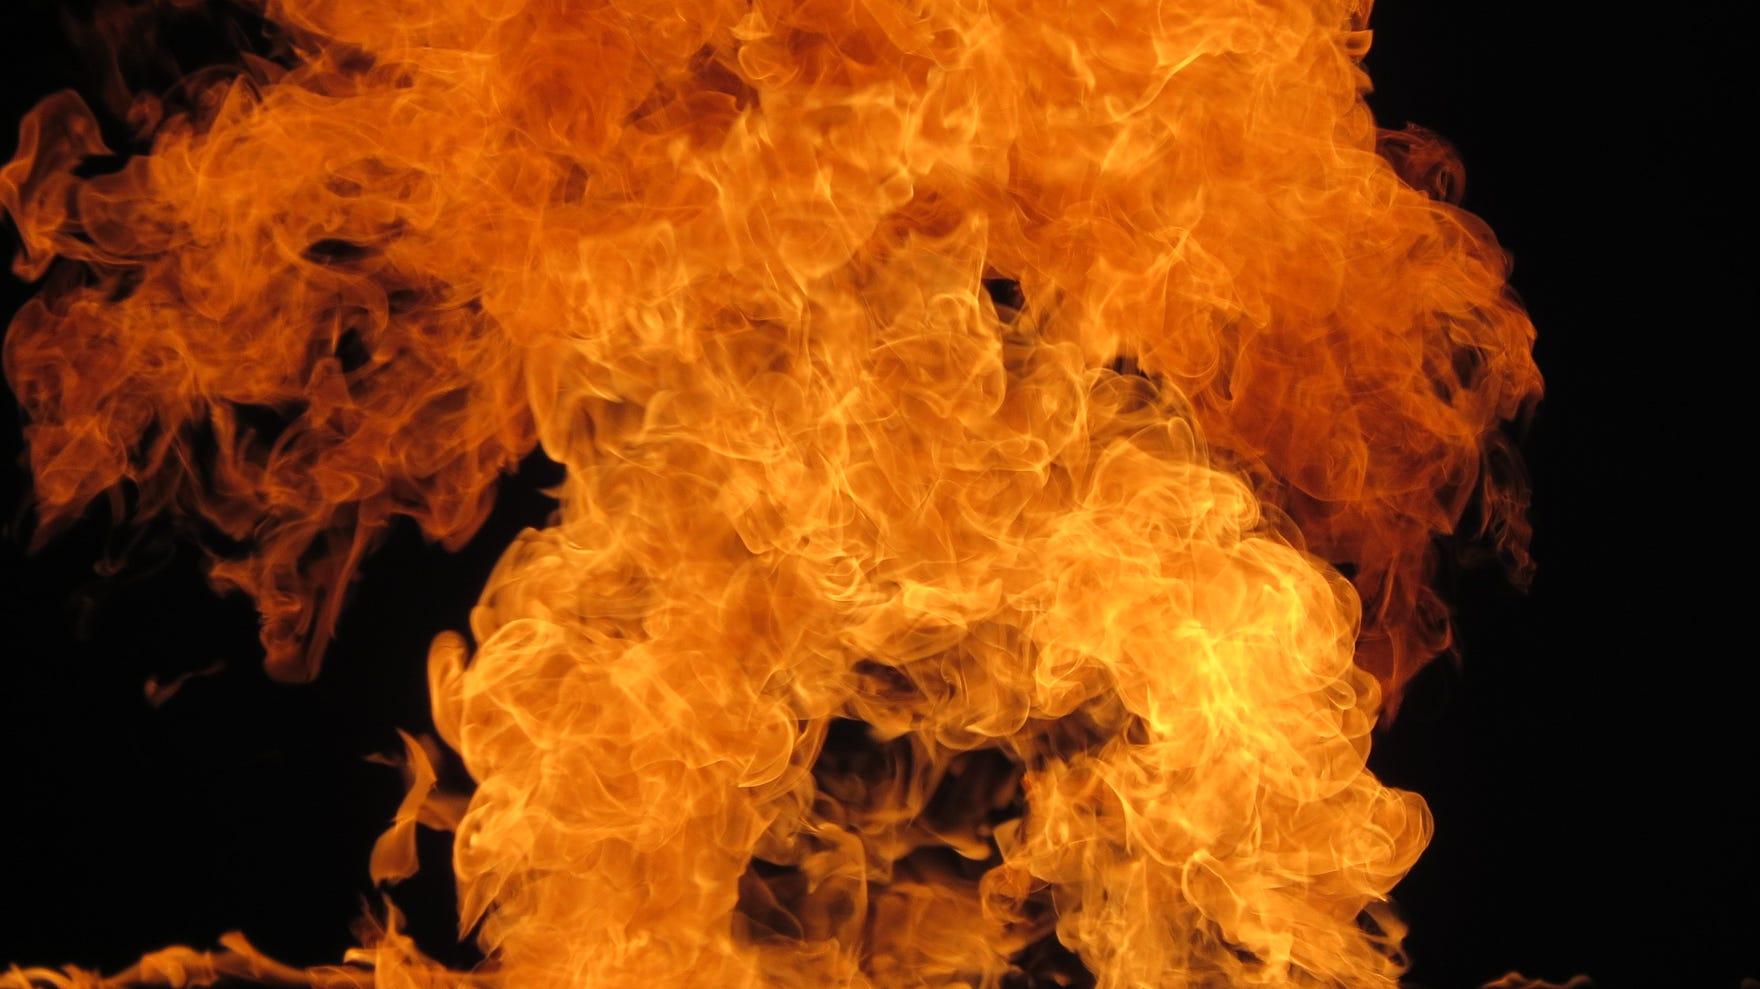 【小說《Inferno (地獄) 》的非典型書評】